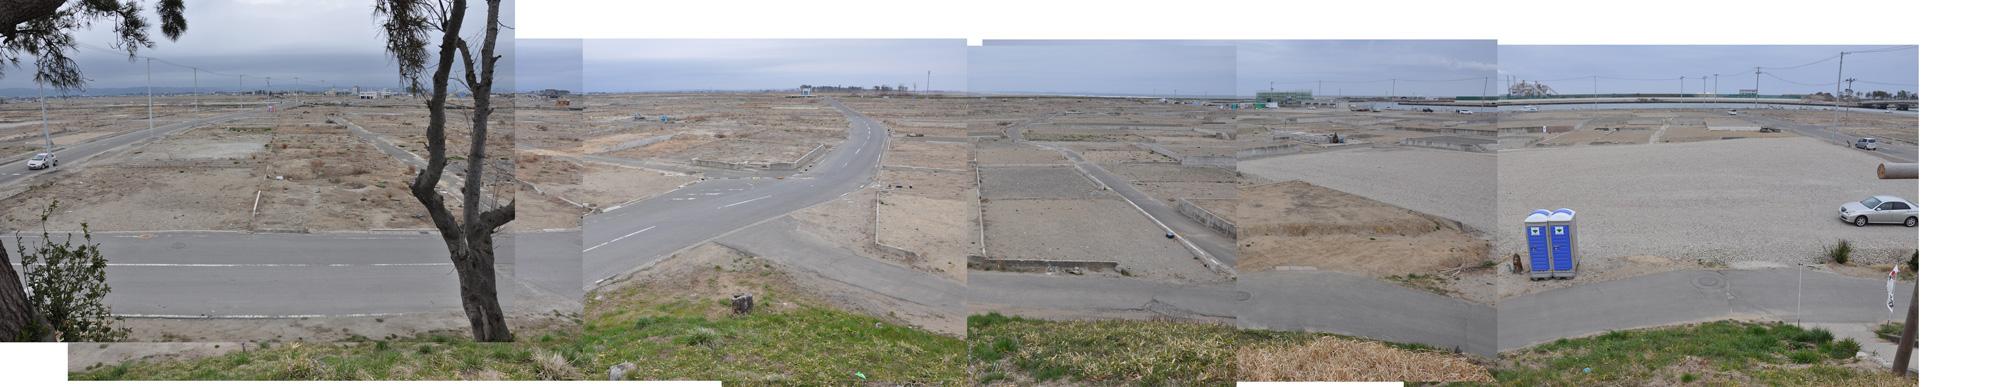 閖上日和山定点観測(西北西-東南東)2012年4月